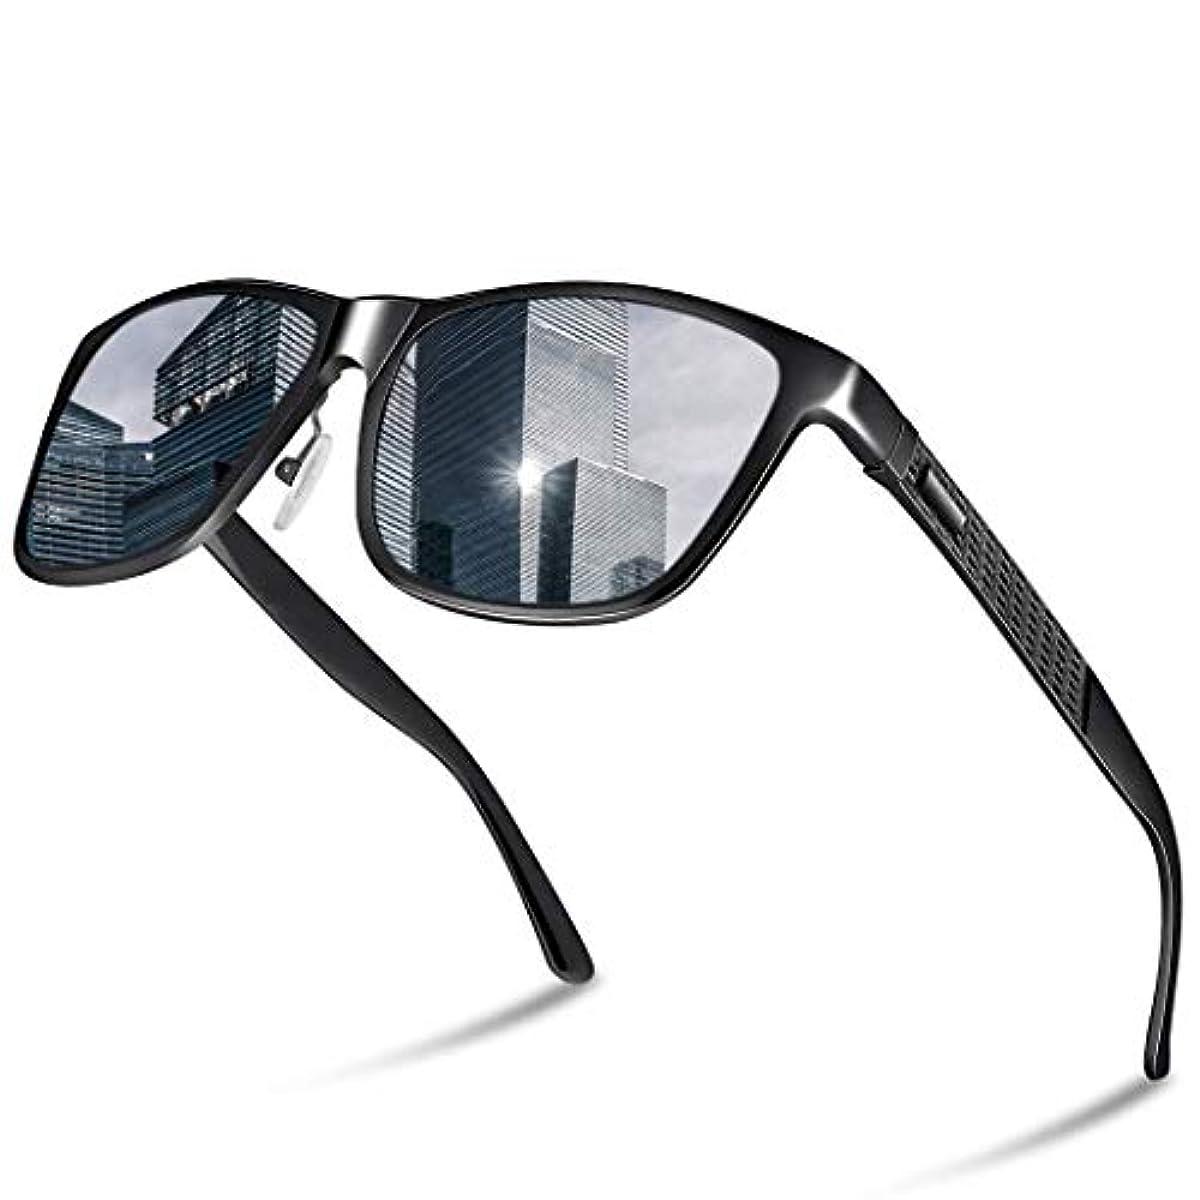 [해외] GLAZATA 편광 썬글라스 UV400 자외선 컷 메탈 프레임 스포츠 썬글라스 드라이기이브/야구/자전거/낚시/런닝/골프/운전 남녀 겸용